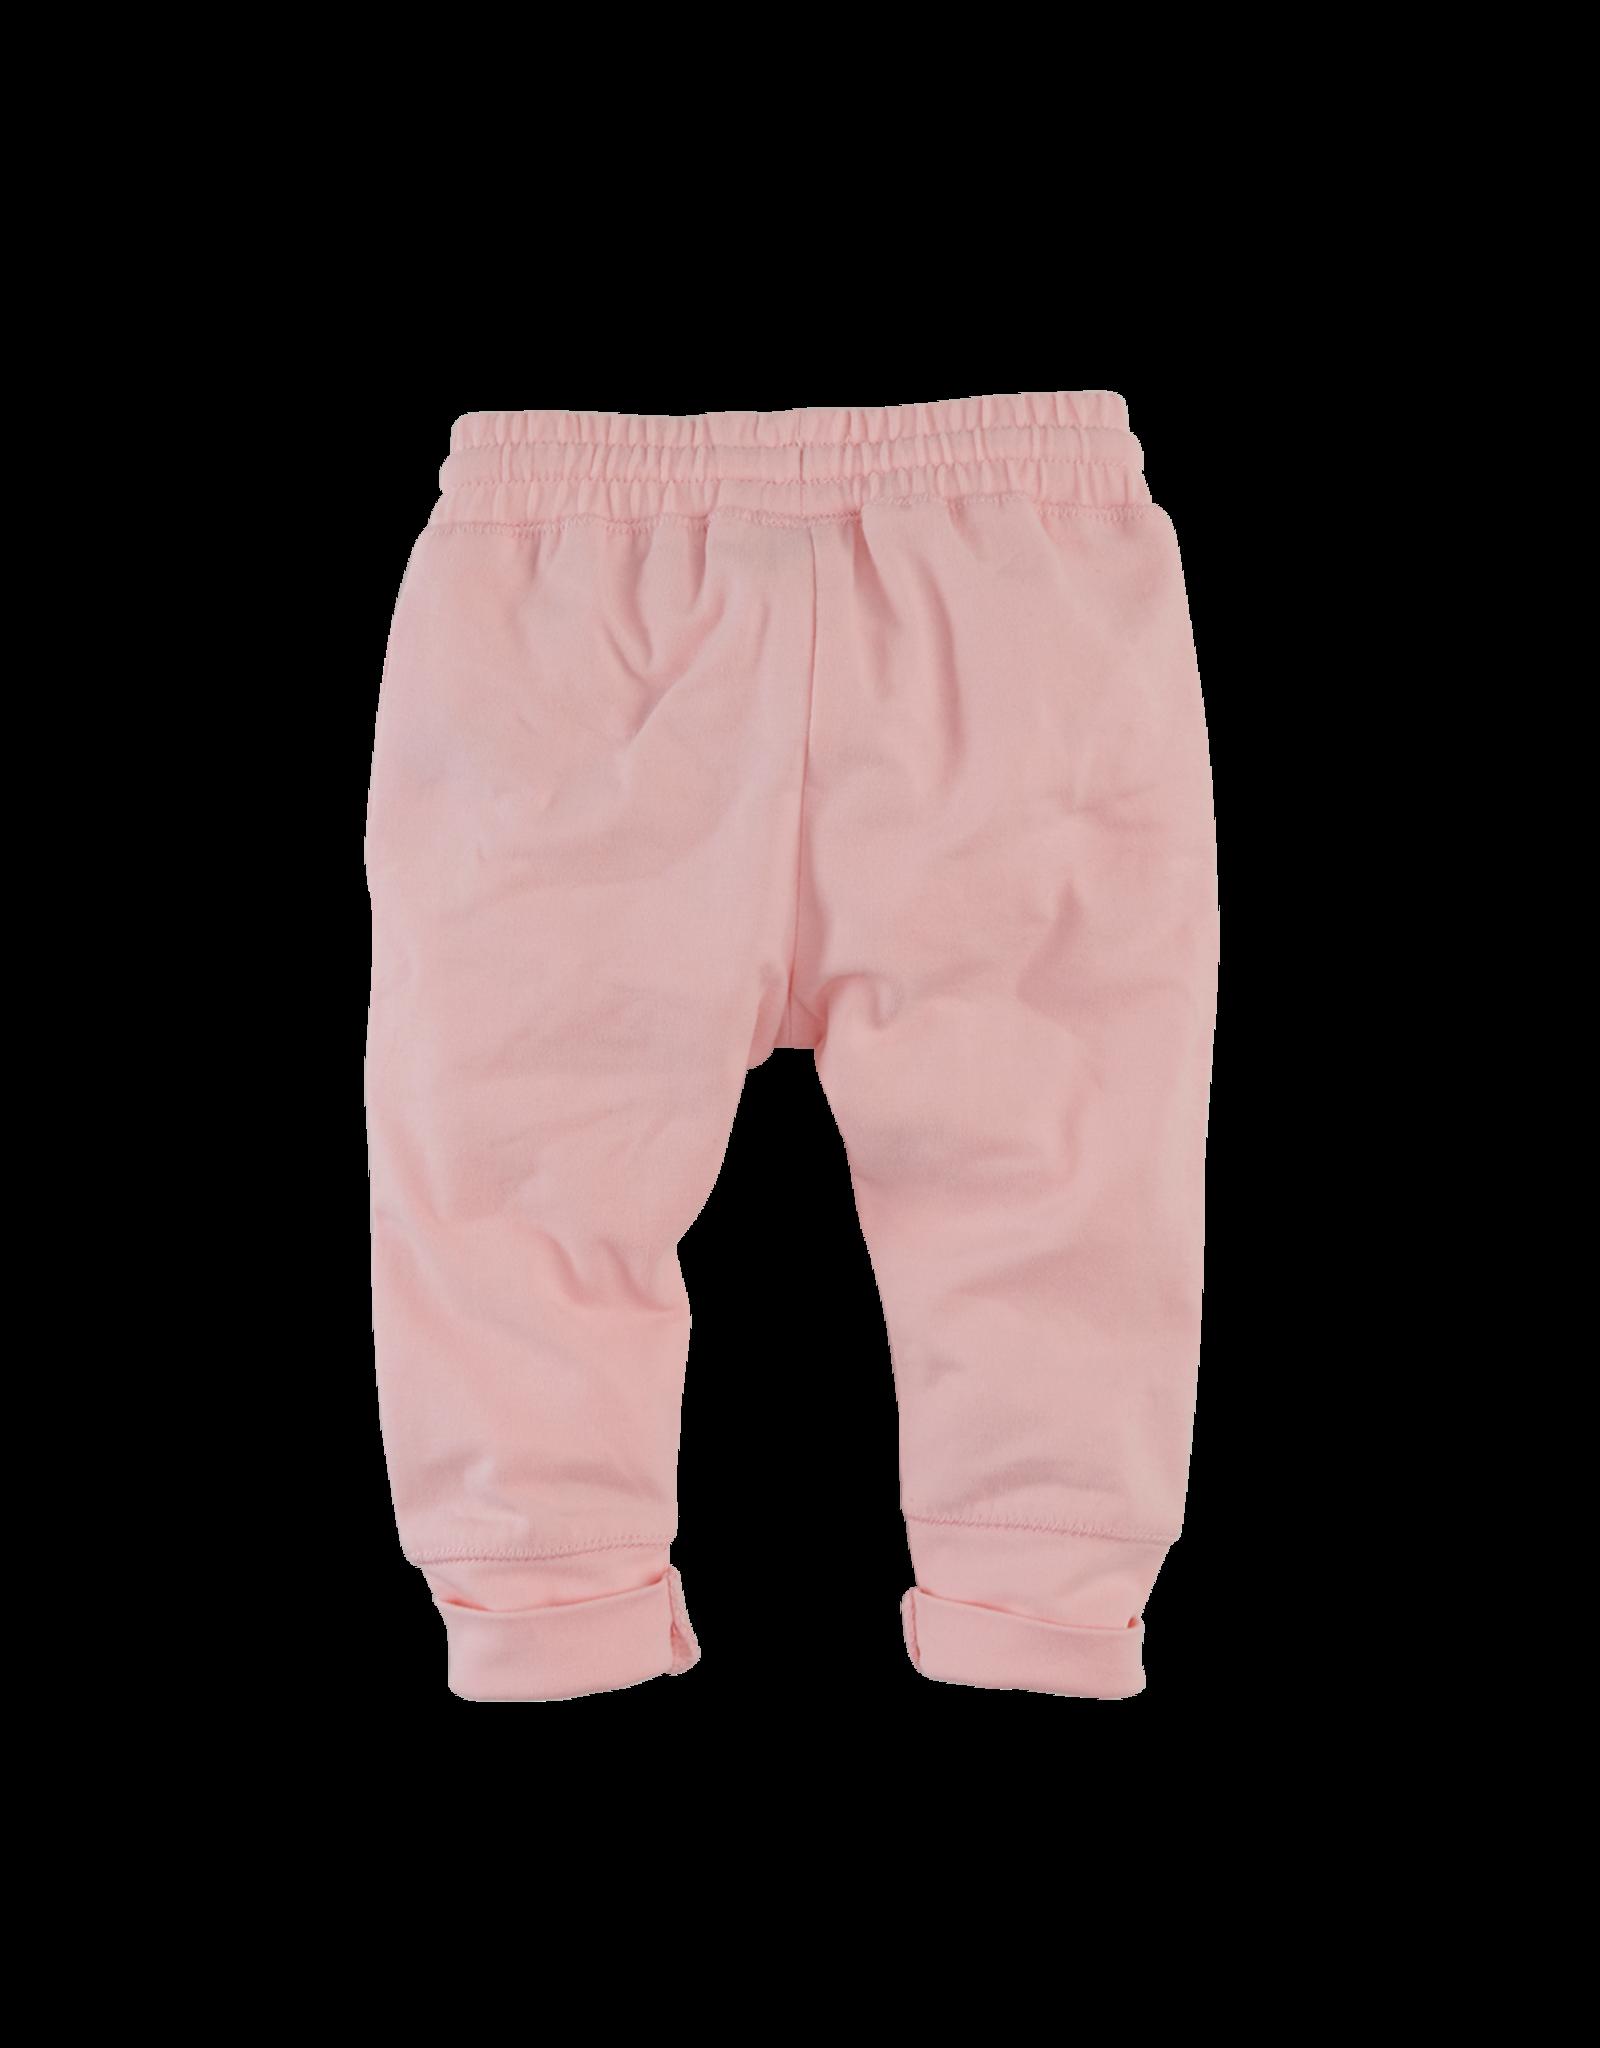 Z8 Dodo Soft pink NOS